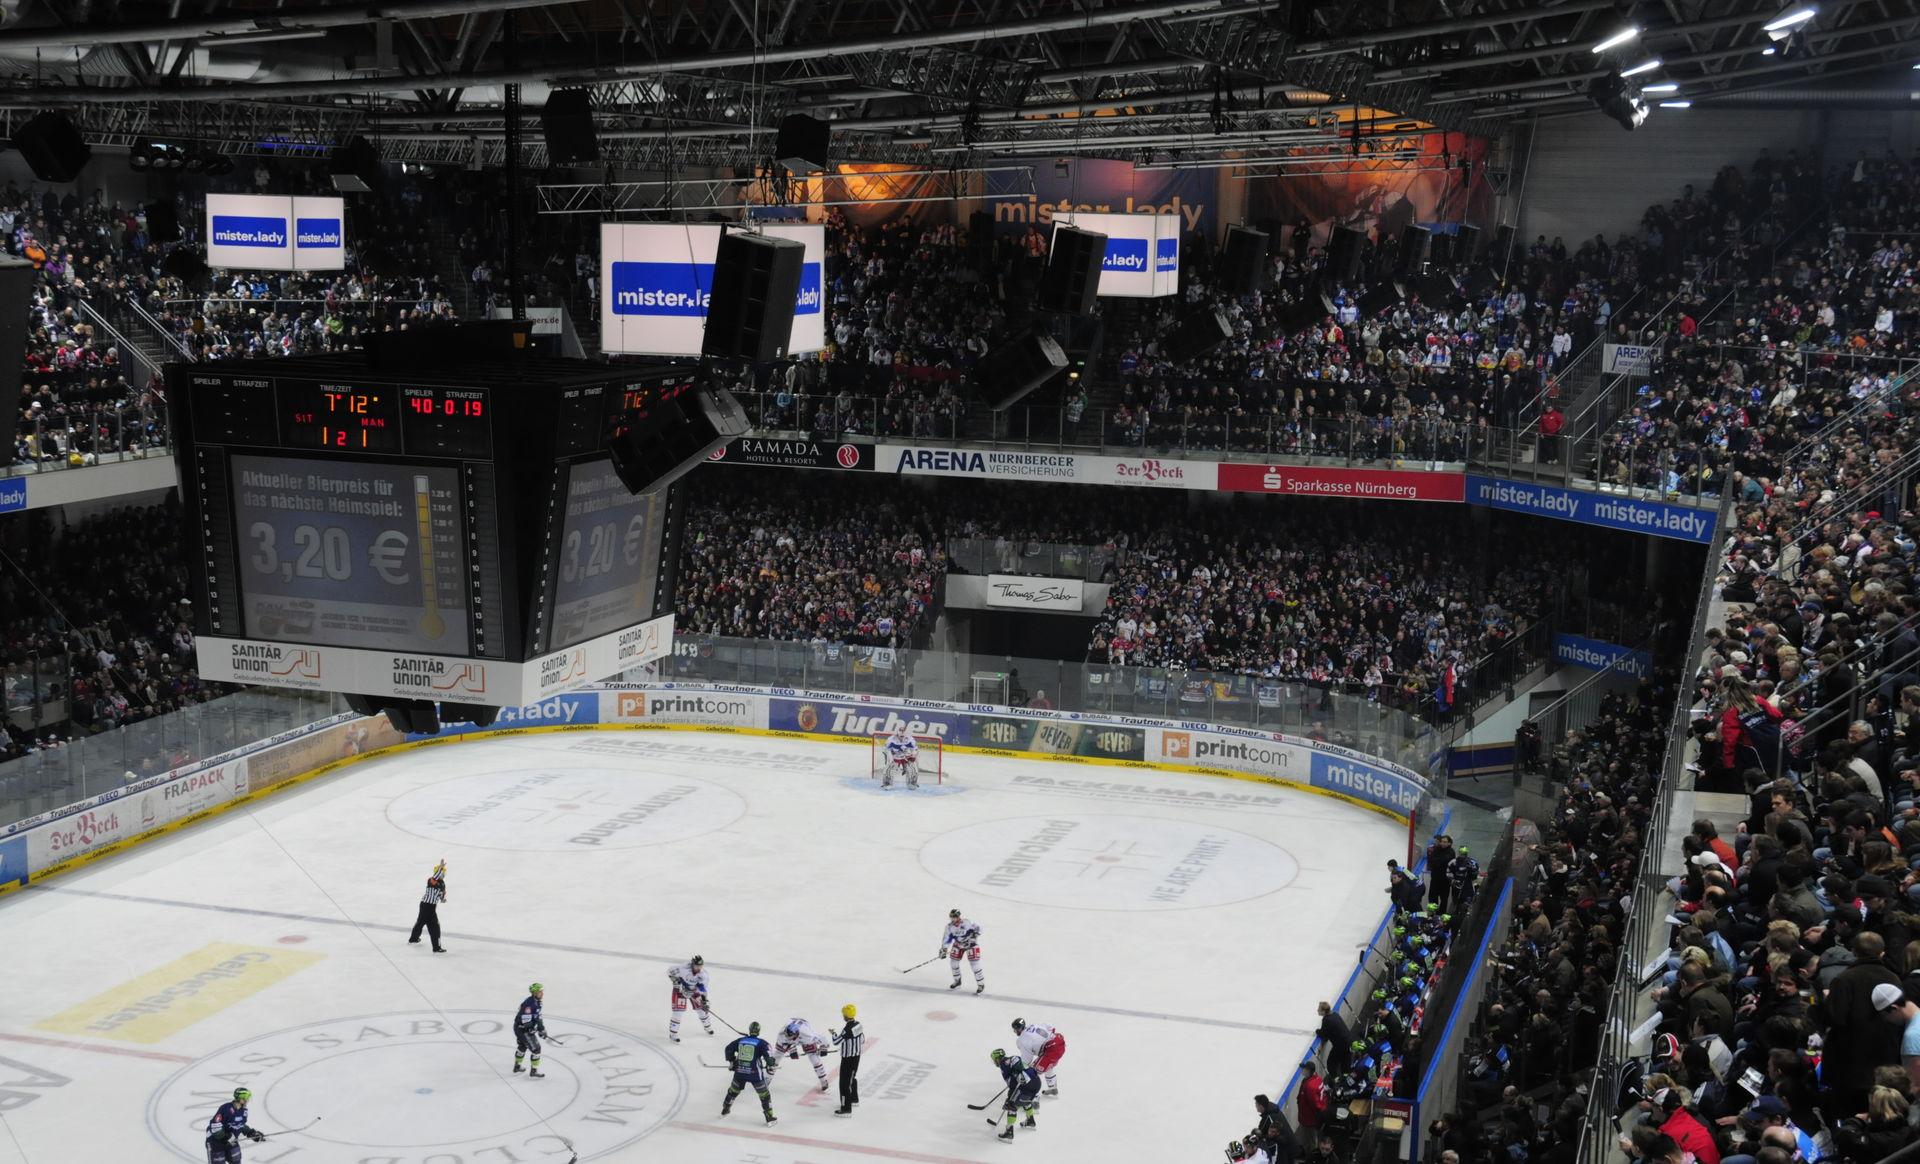 quat rosenberg Ice arena Nuremberg